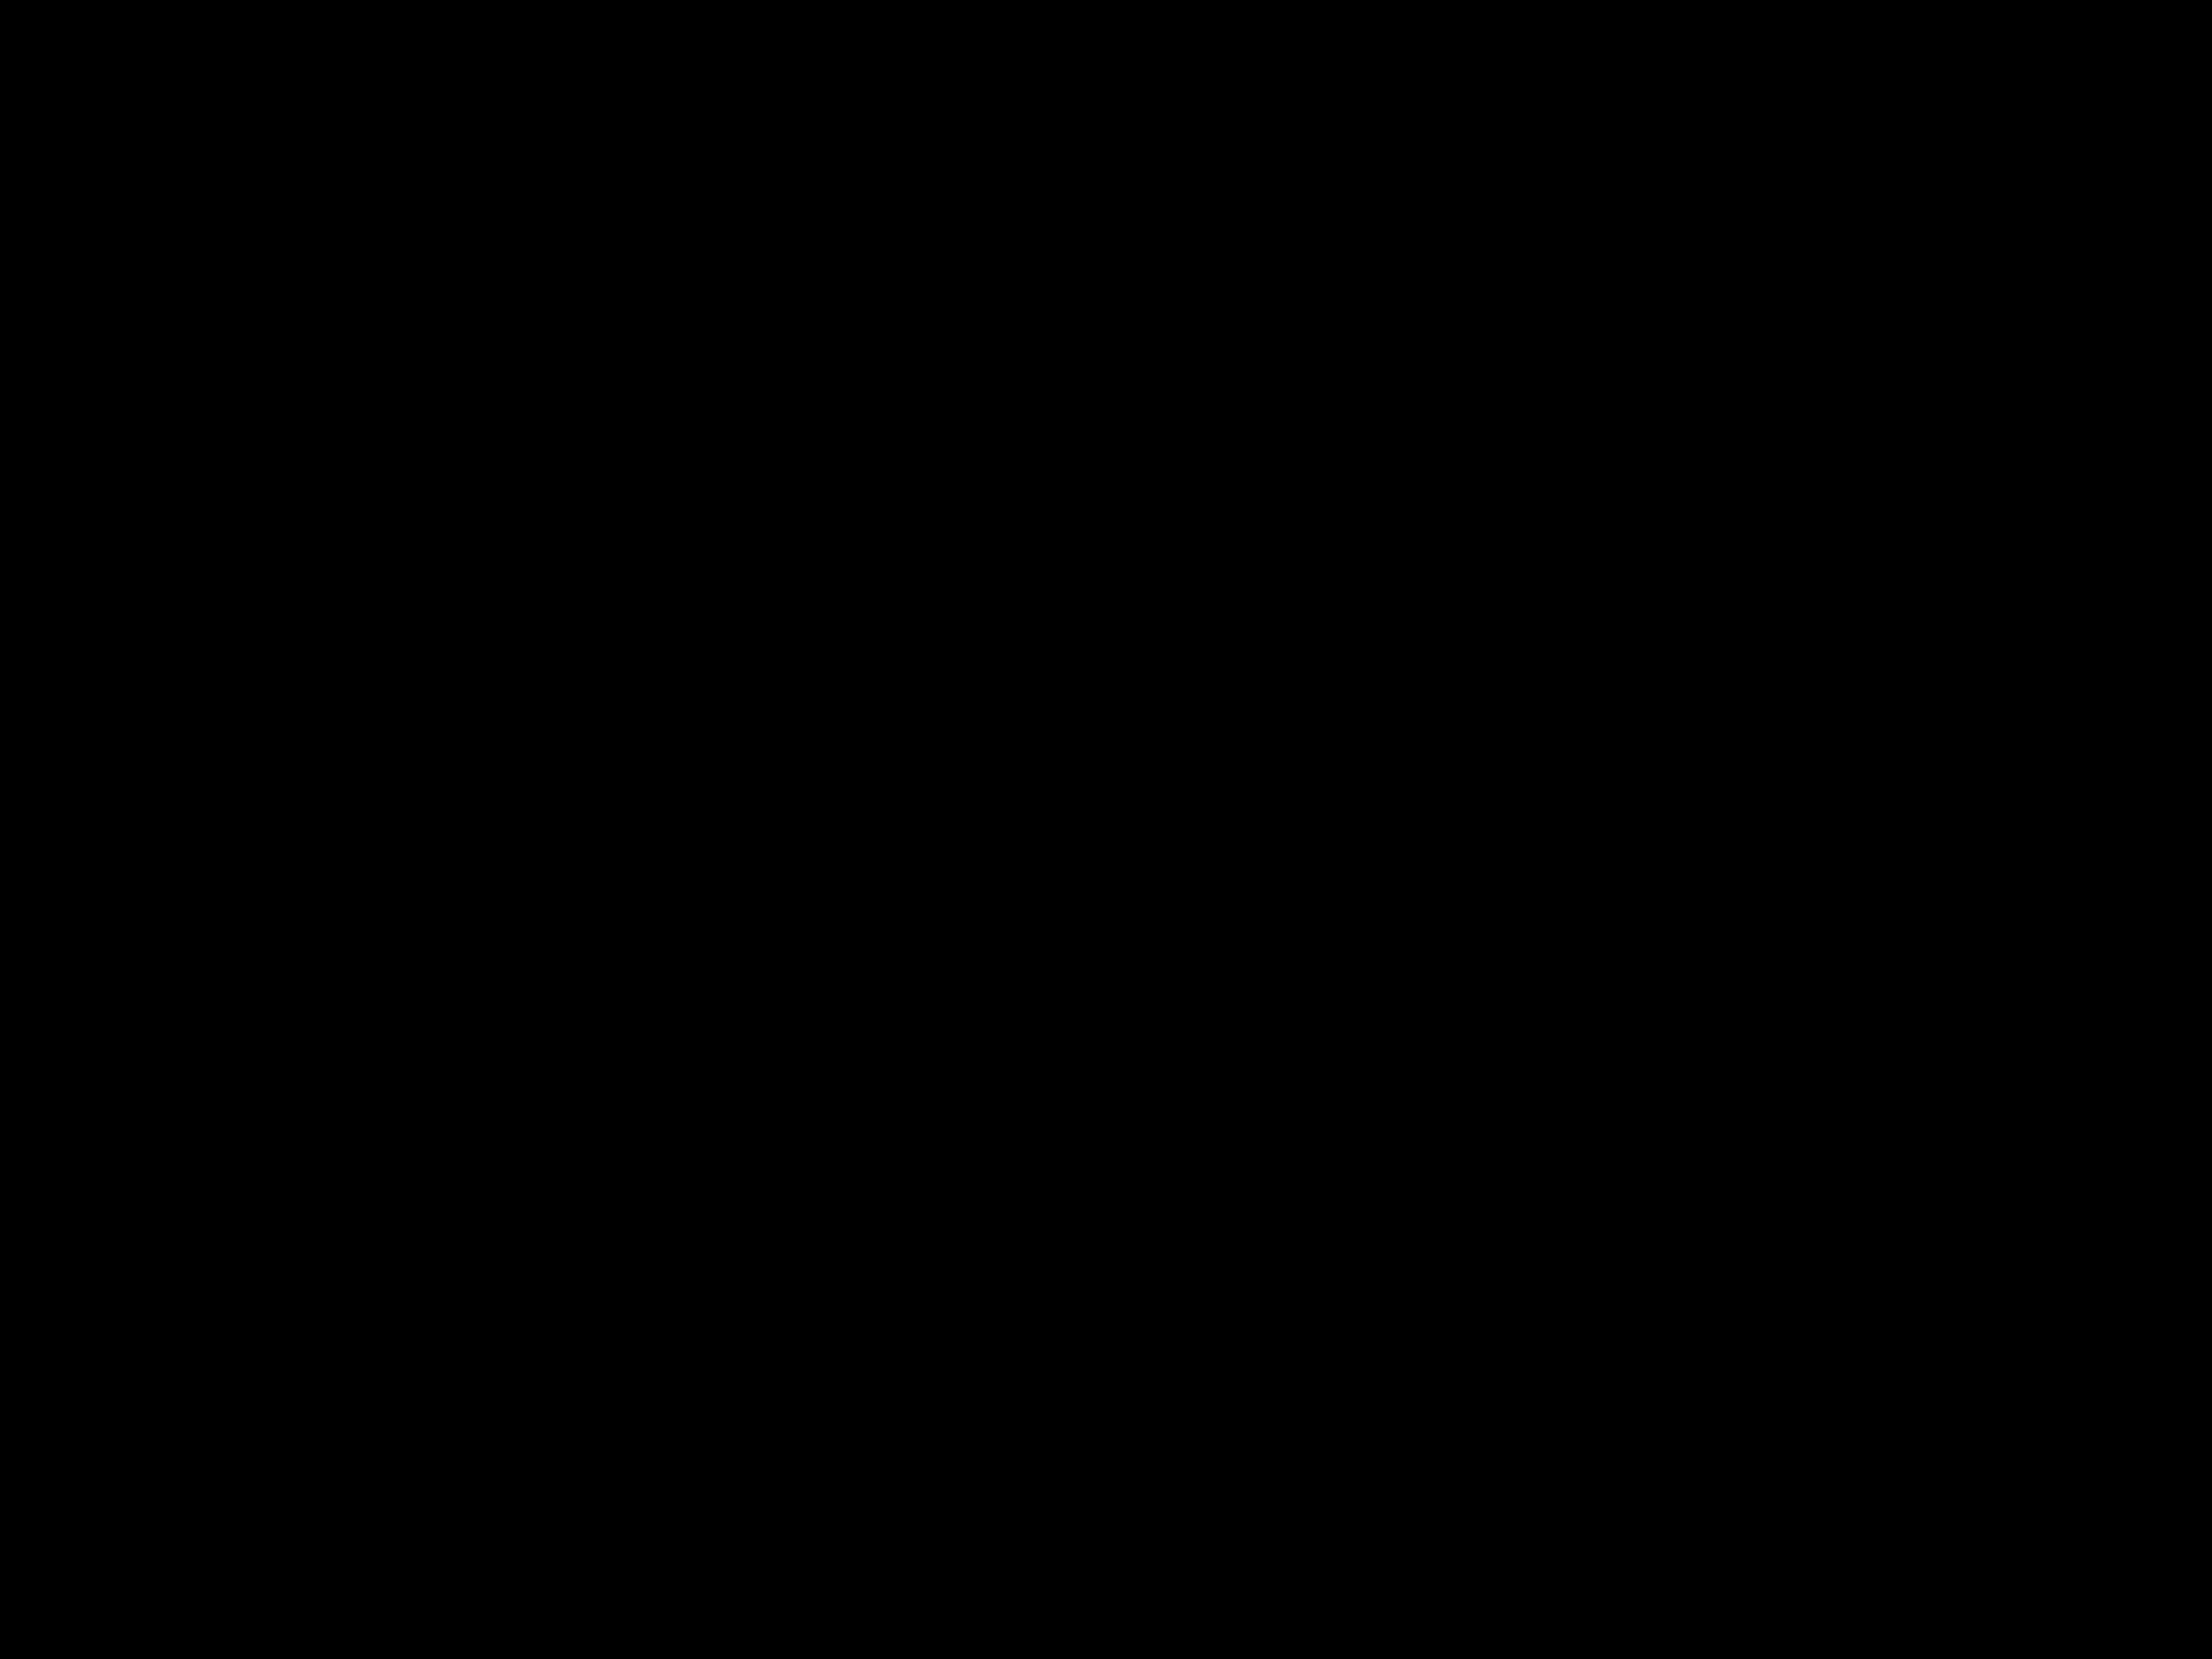 Grand Hotel Kronenhof - Grand Restaurant Slide 7